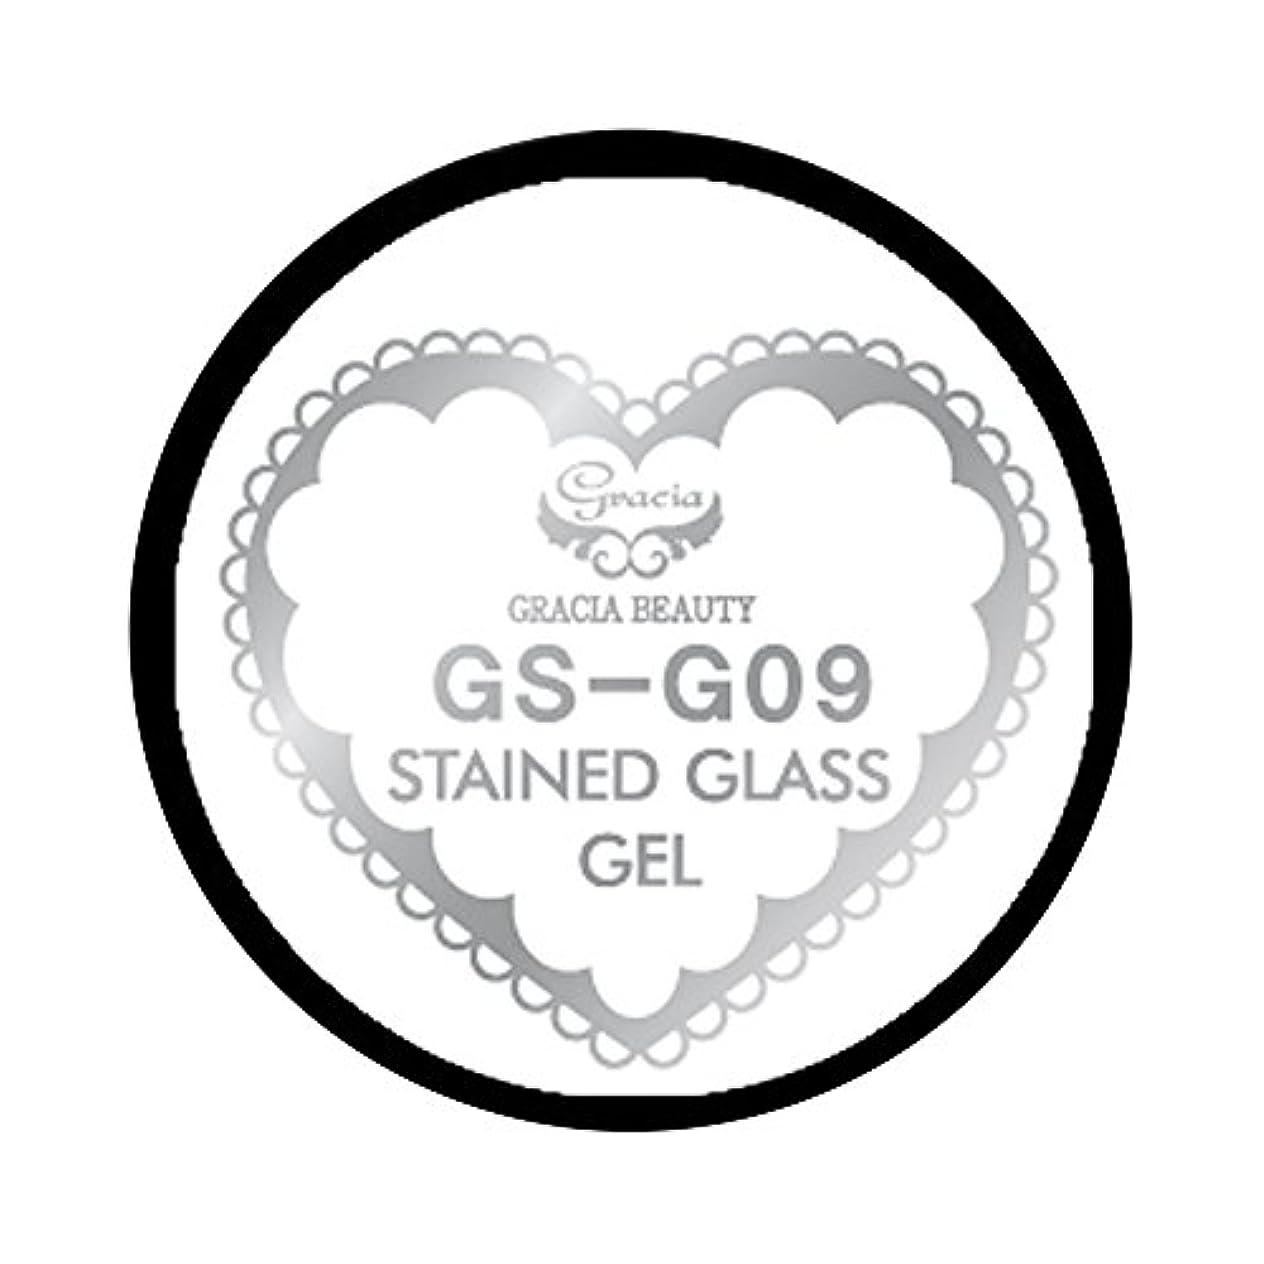 可能性ぬれた最悪グラシア ジェルネイル ステンドグラスジェル GSM-G09 3g  グリッター UV/LED対応 カラージェル ソークオフジェル ガラスのような透明感